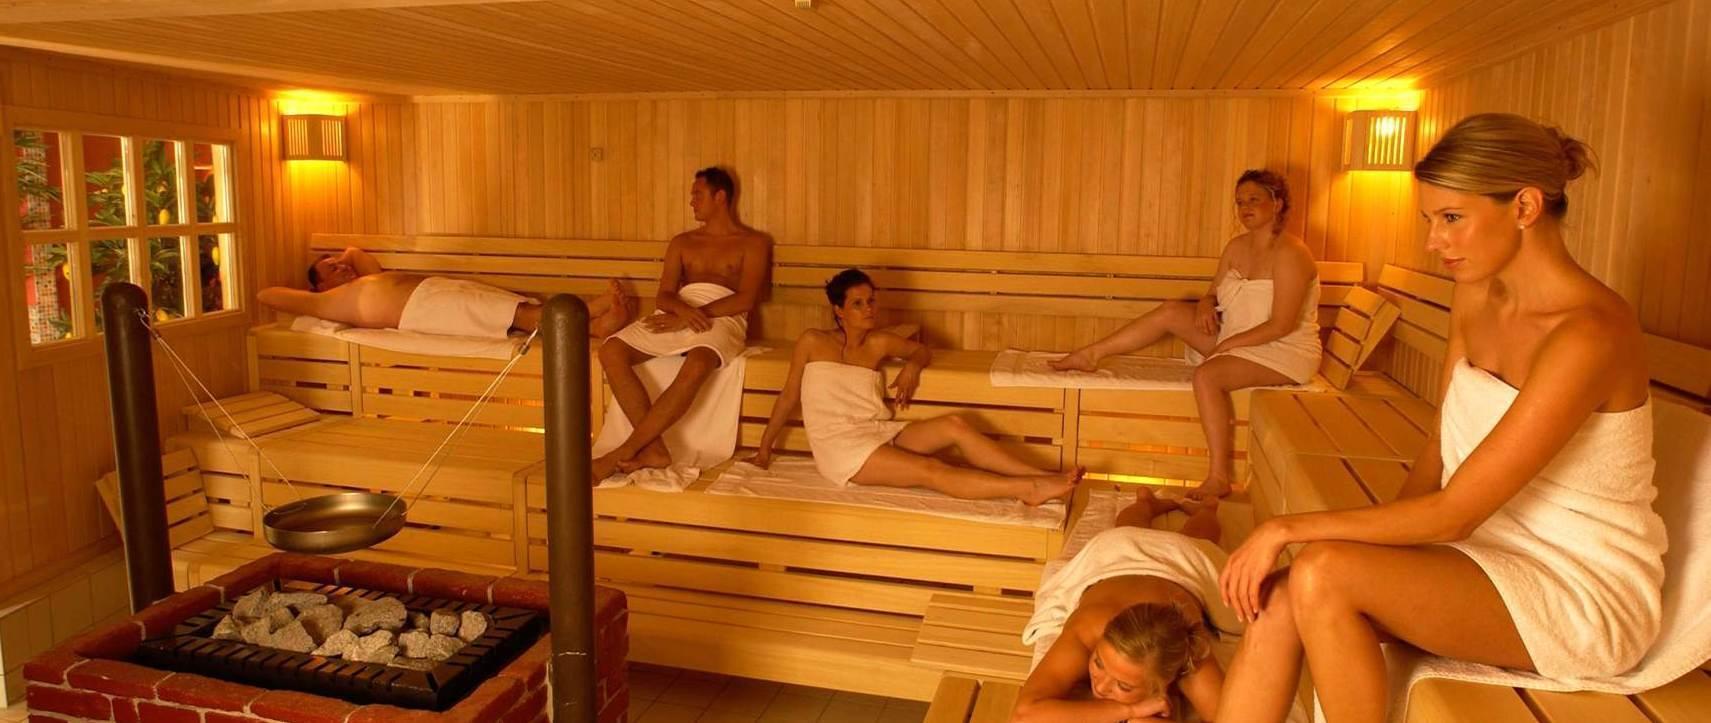 Русская баня с женщинами 21 фотография